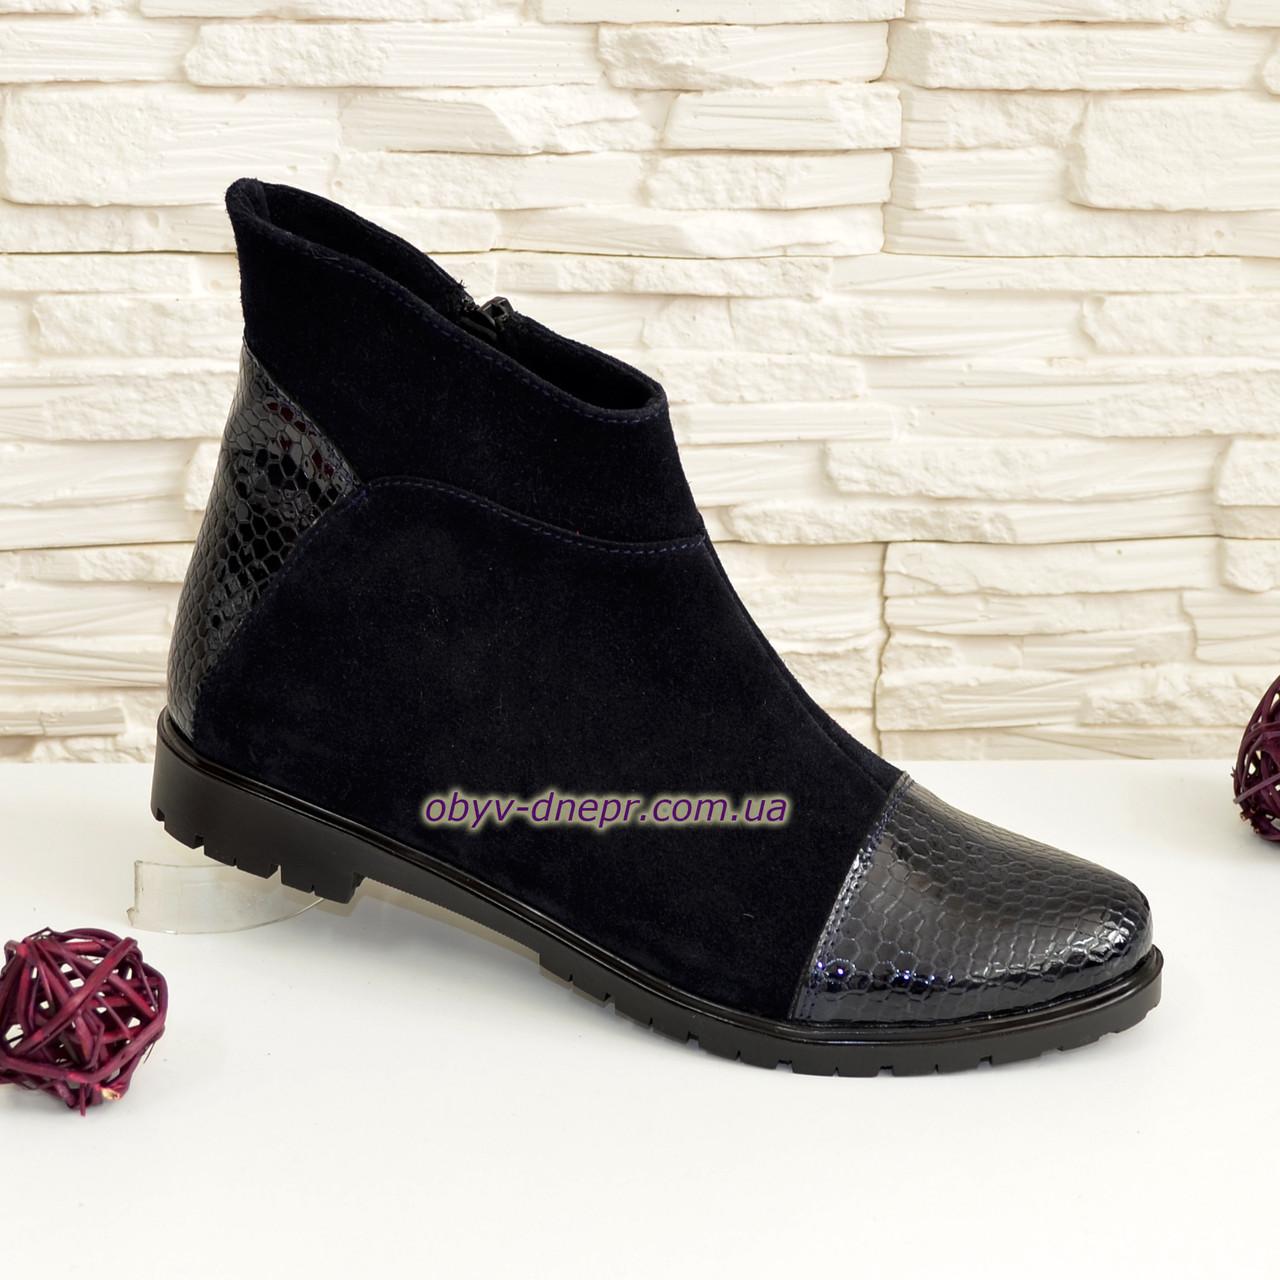 """Женские   ботинки на низком ходу, натуральный замш и кожа """"питон"""" синего цвета."""